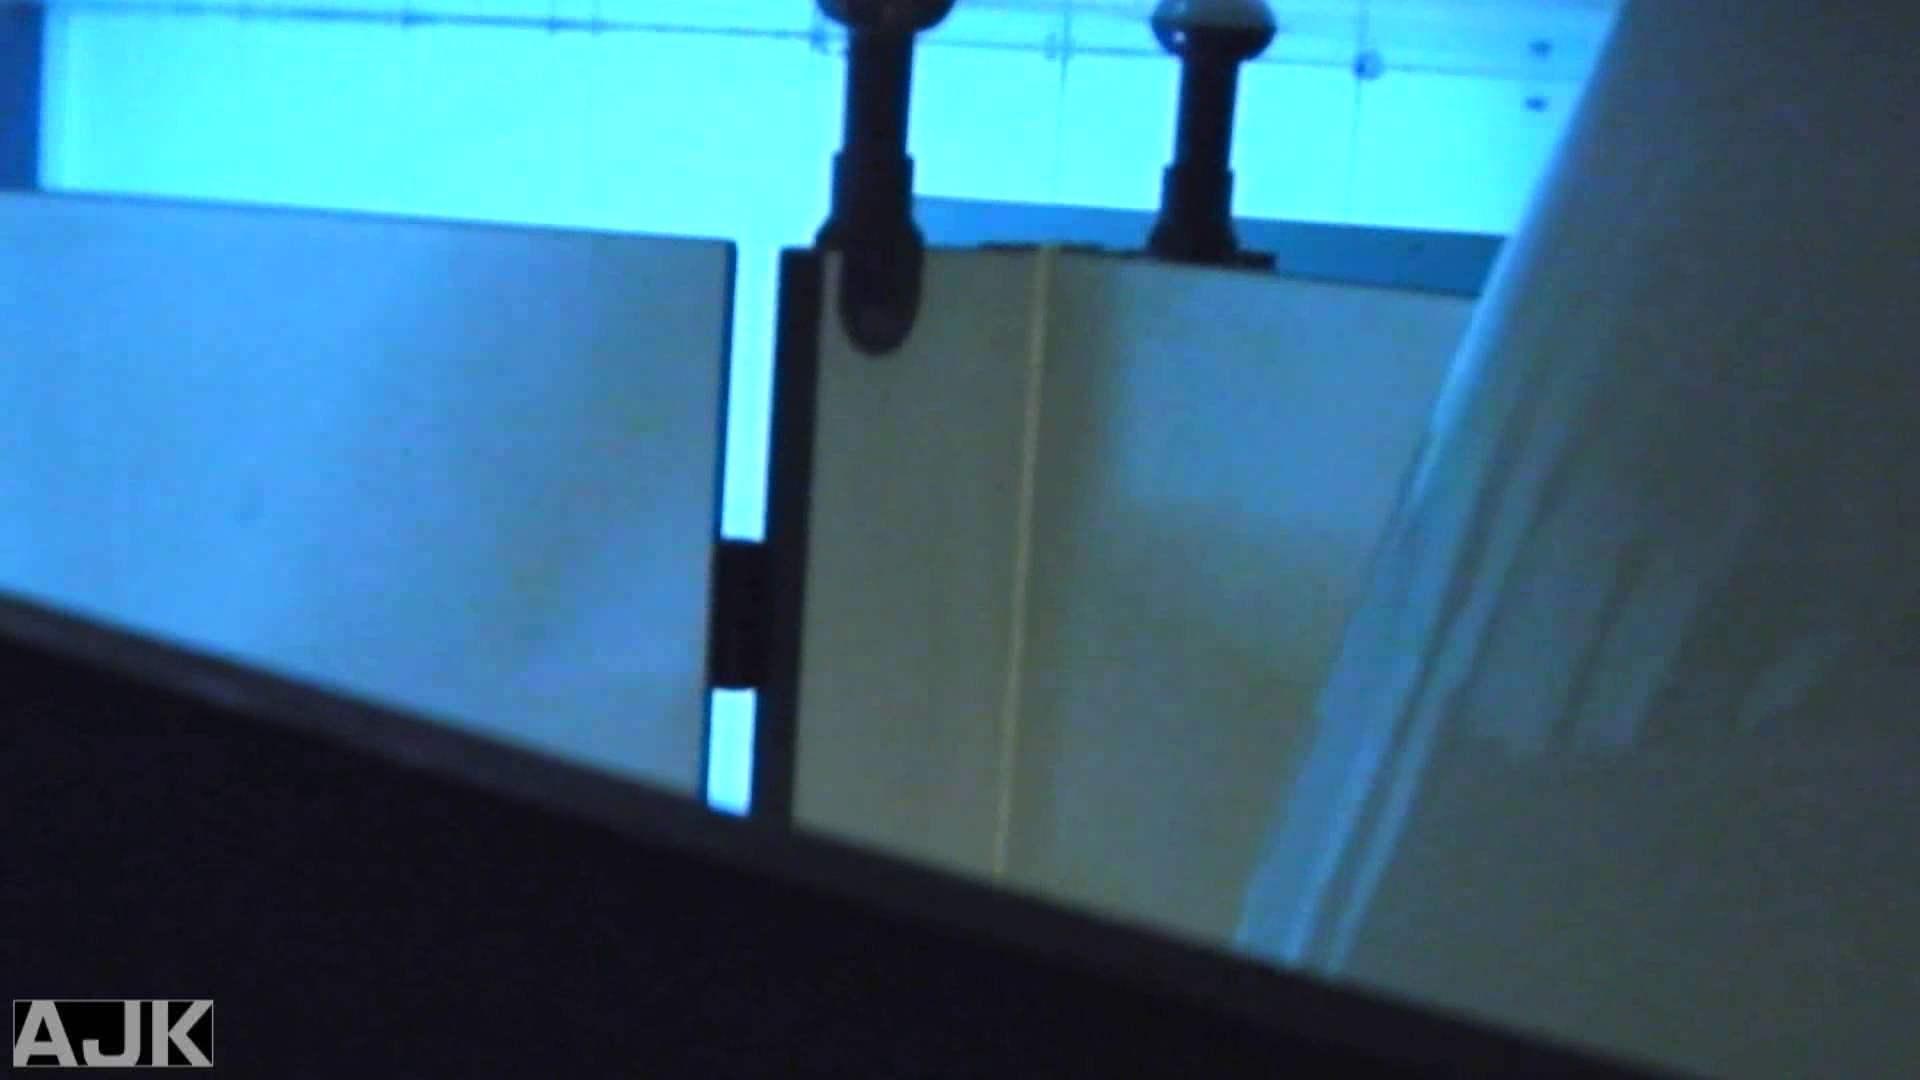 隣国上階級エリアの令嬢たちが集うデパートお手洗い Vol.17 オマンコ・ぱっくり ワレメ動画紹介 86画像 15